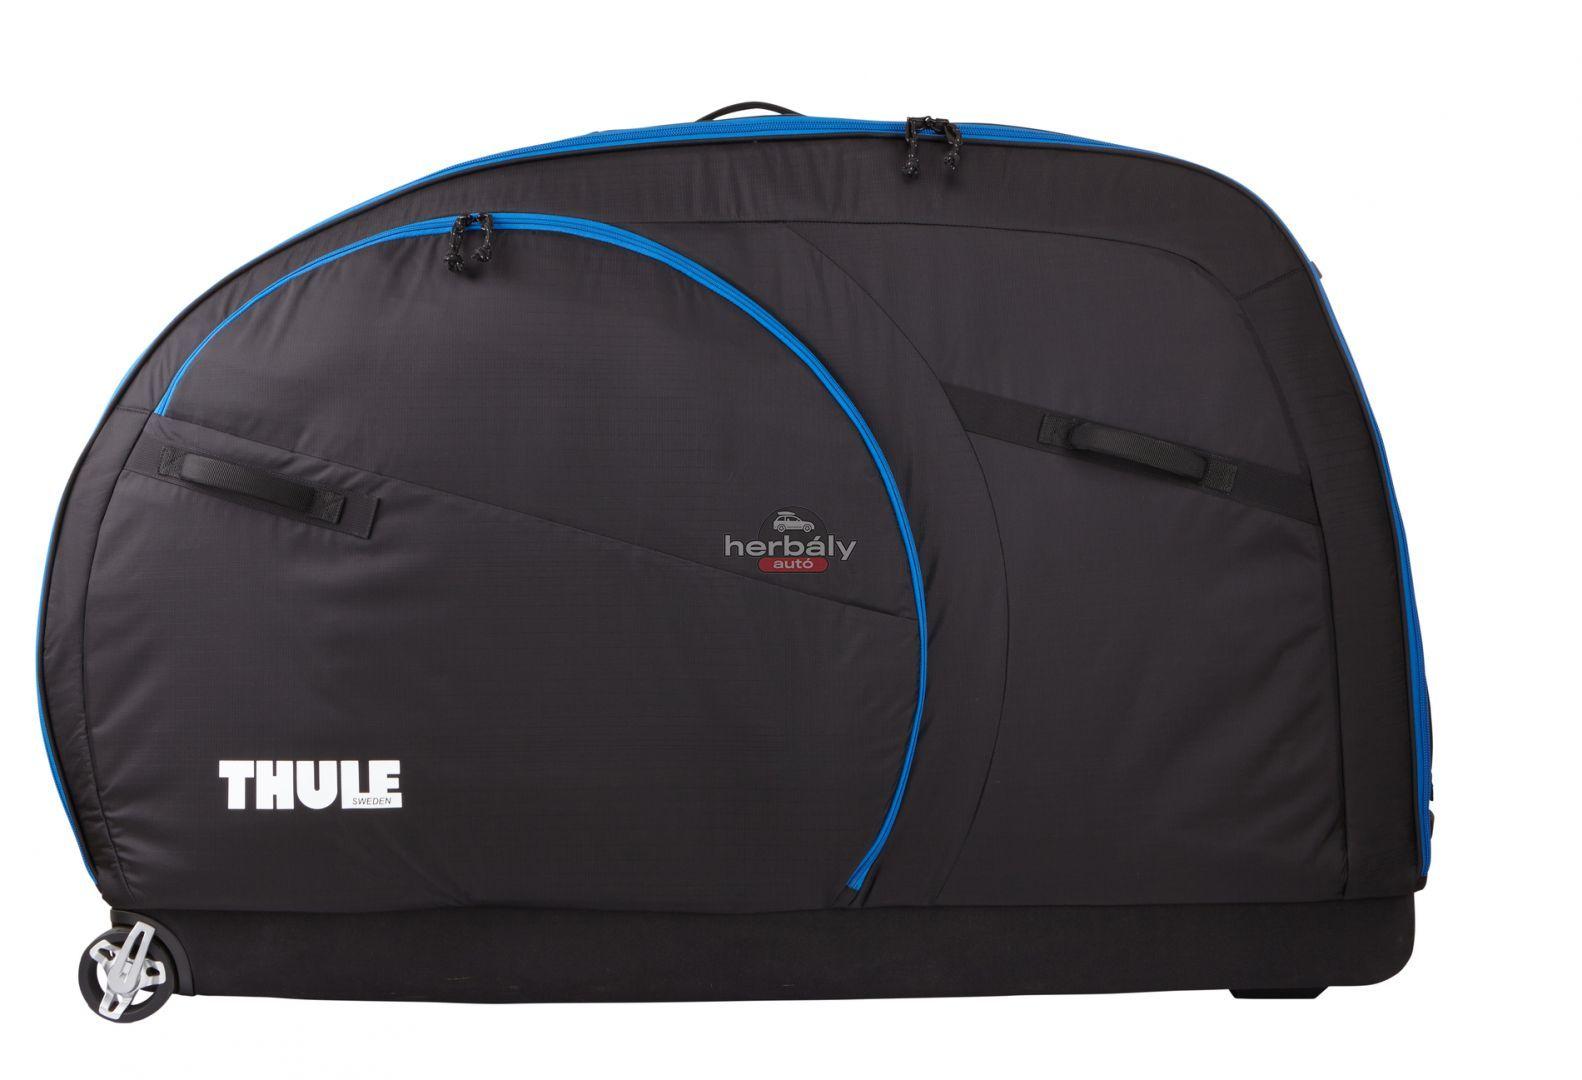 28e295123a6d Thule RoundTrip Traveler 100503 kerékpár szállító bőrönd   Táska ...